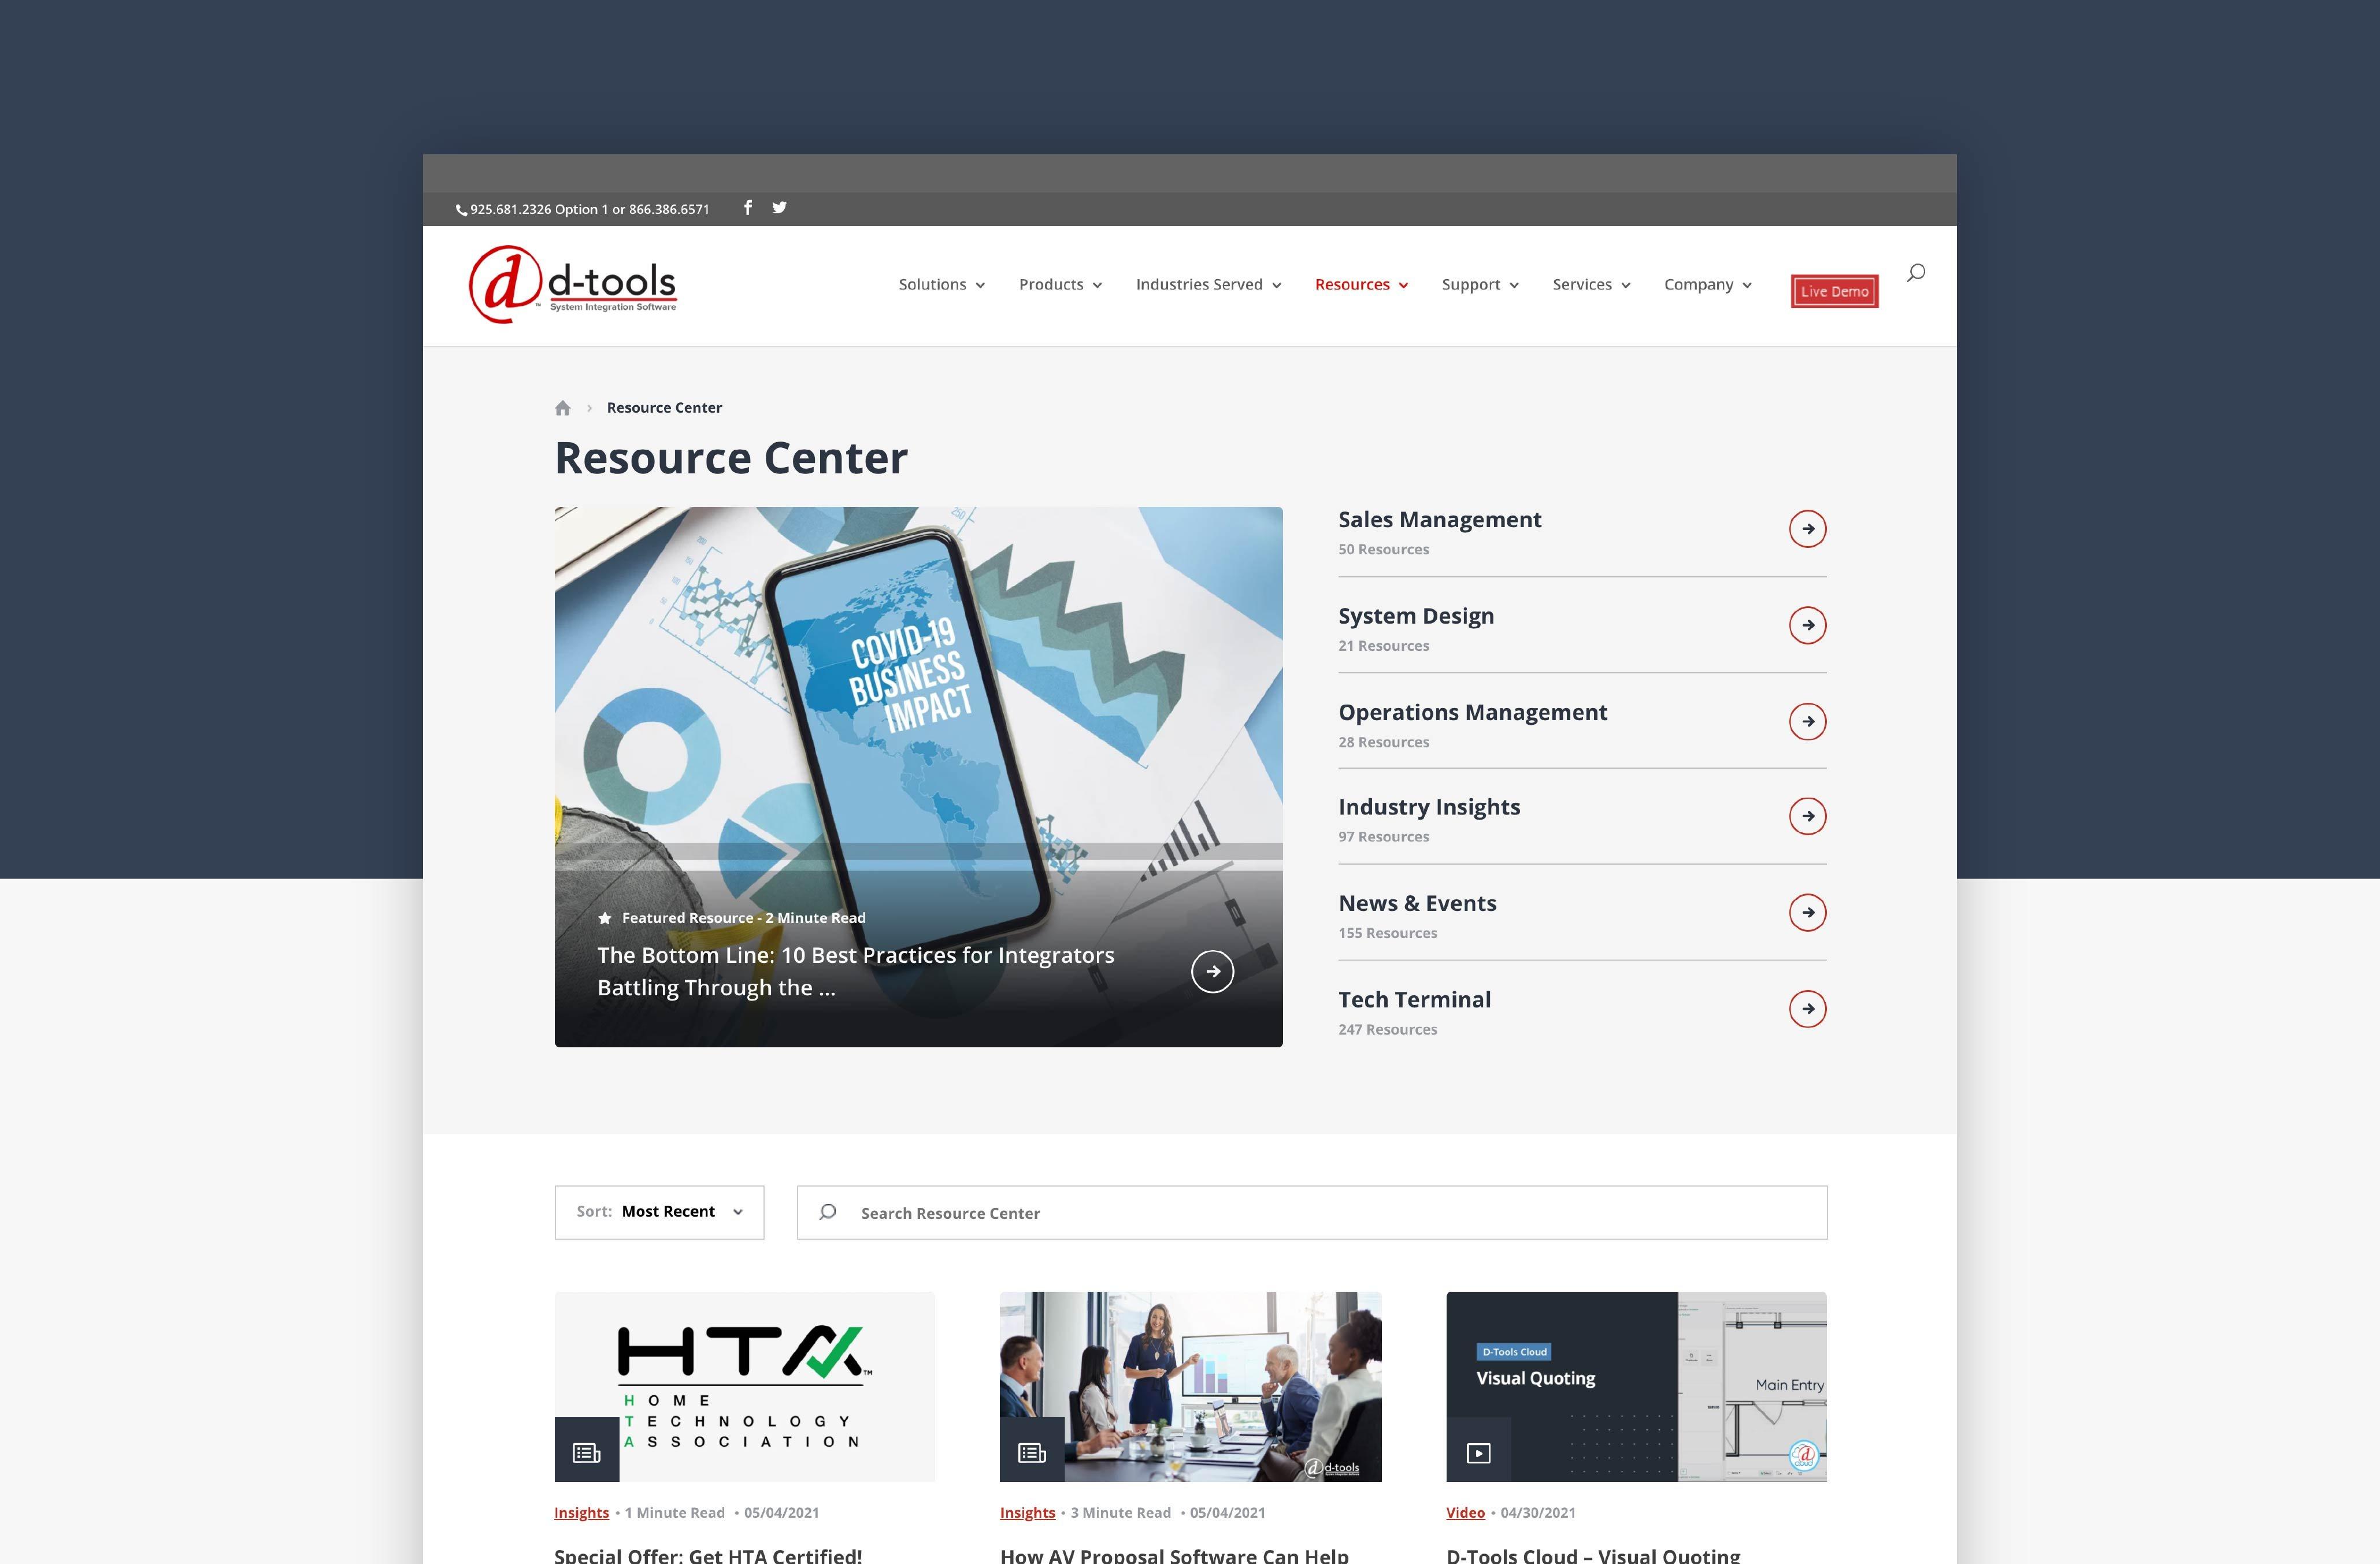 HubSpot Website Design - Resource Center